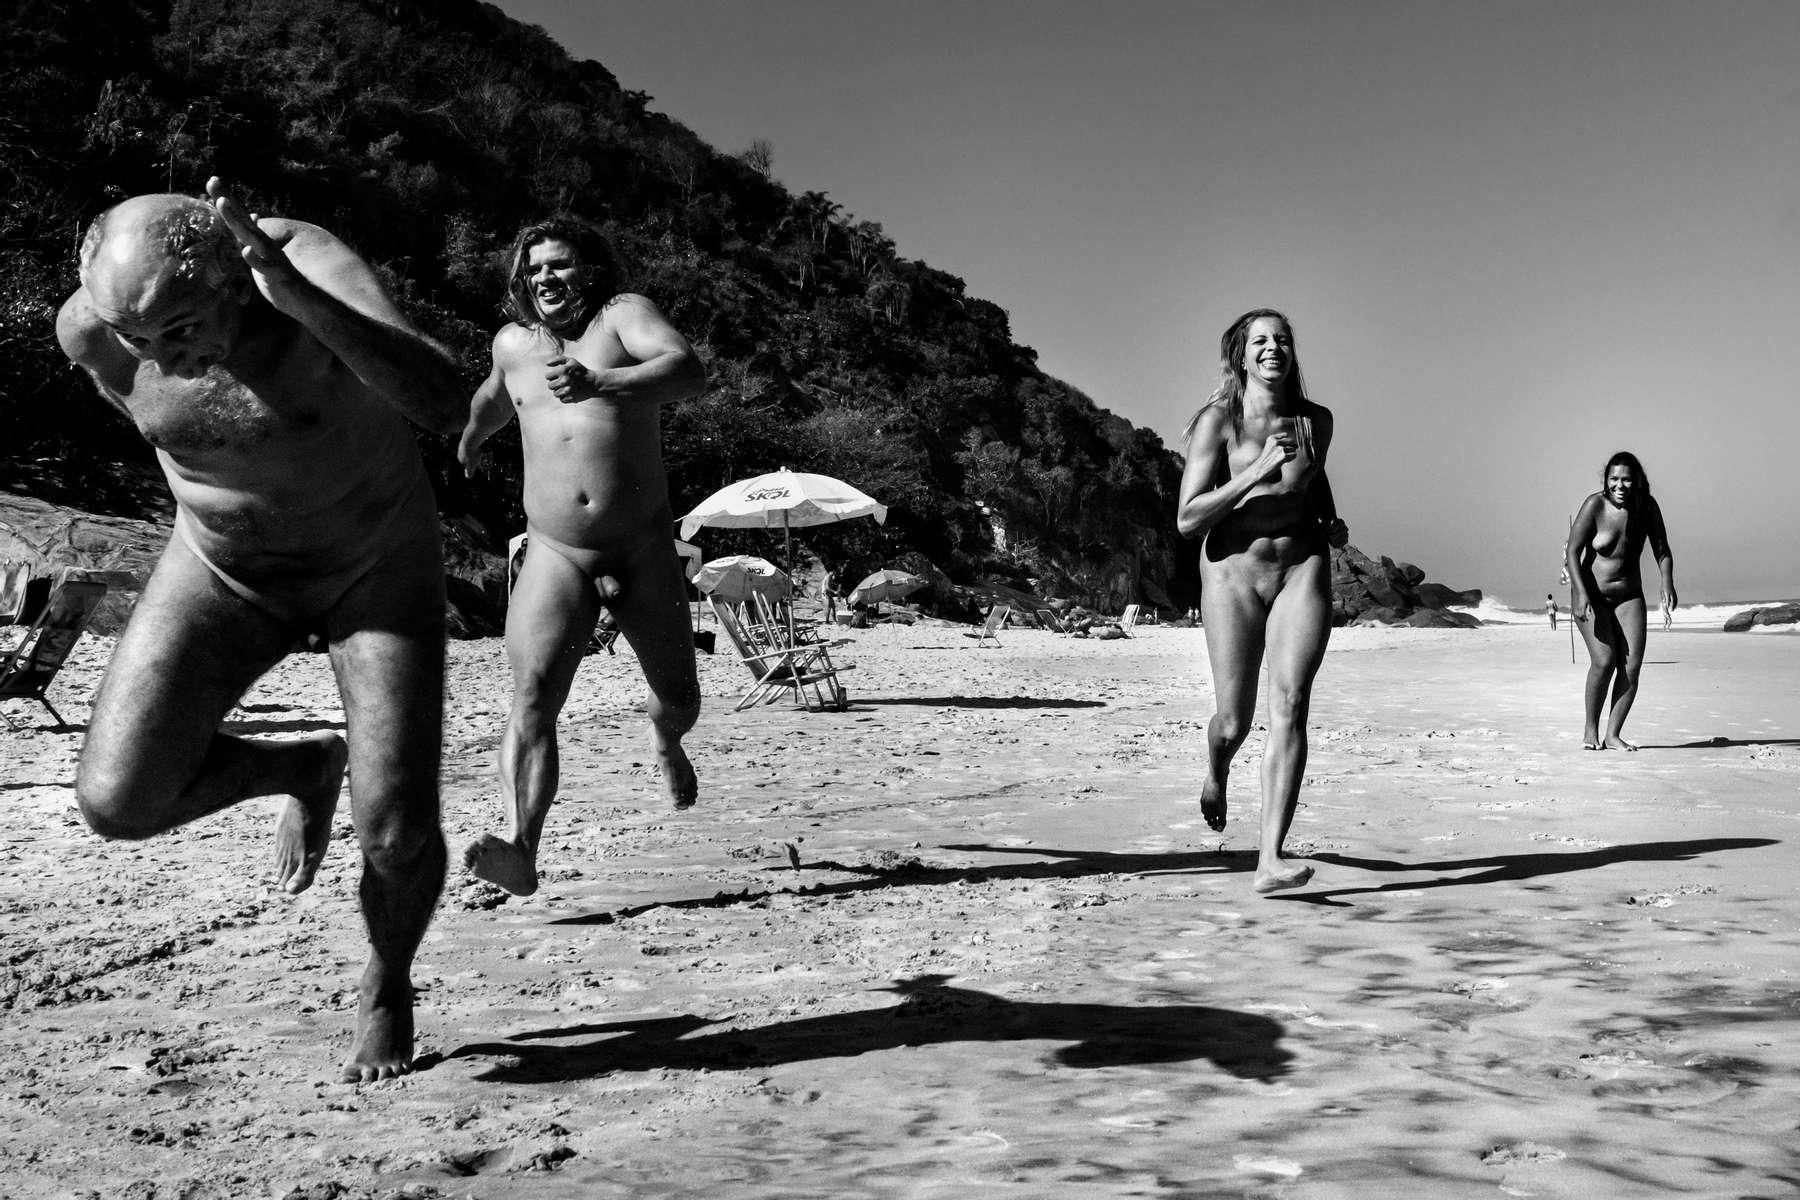 Varios participantes de los Juegos Olímpicos Nudistas compiten en una carrera en Praia do Abricó, en Río de Janeiro, Brasil, 14 de agosto de 2016.